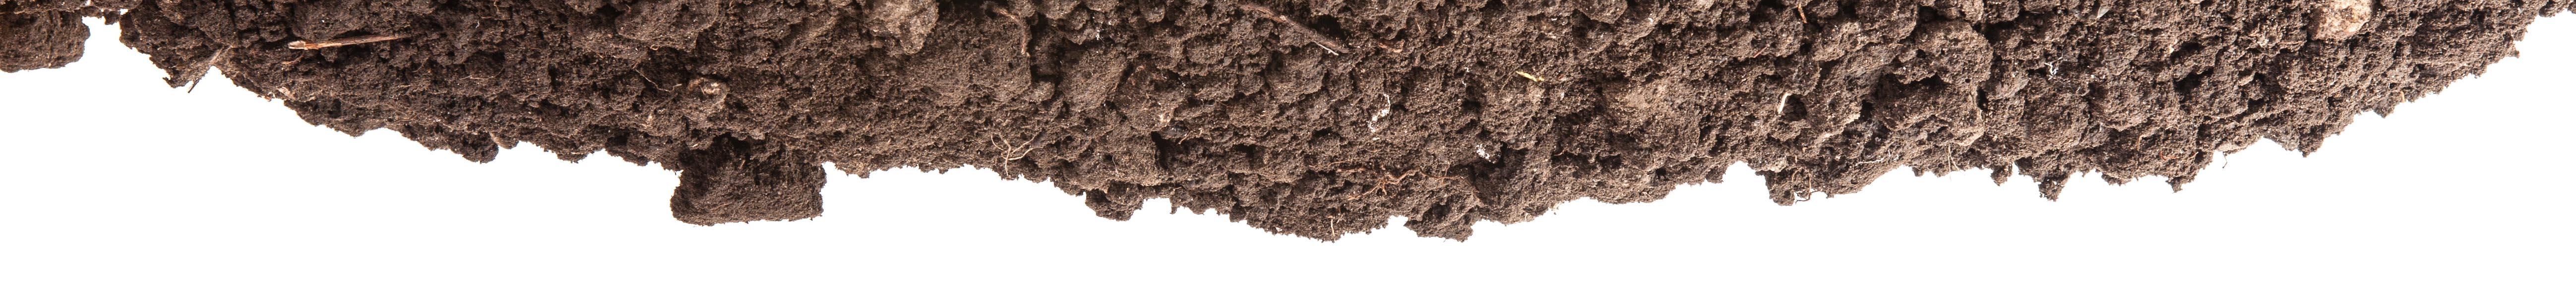 Tampa Plumbing Dirt